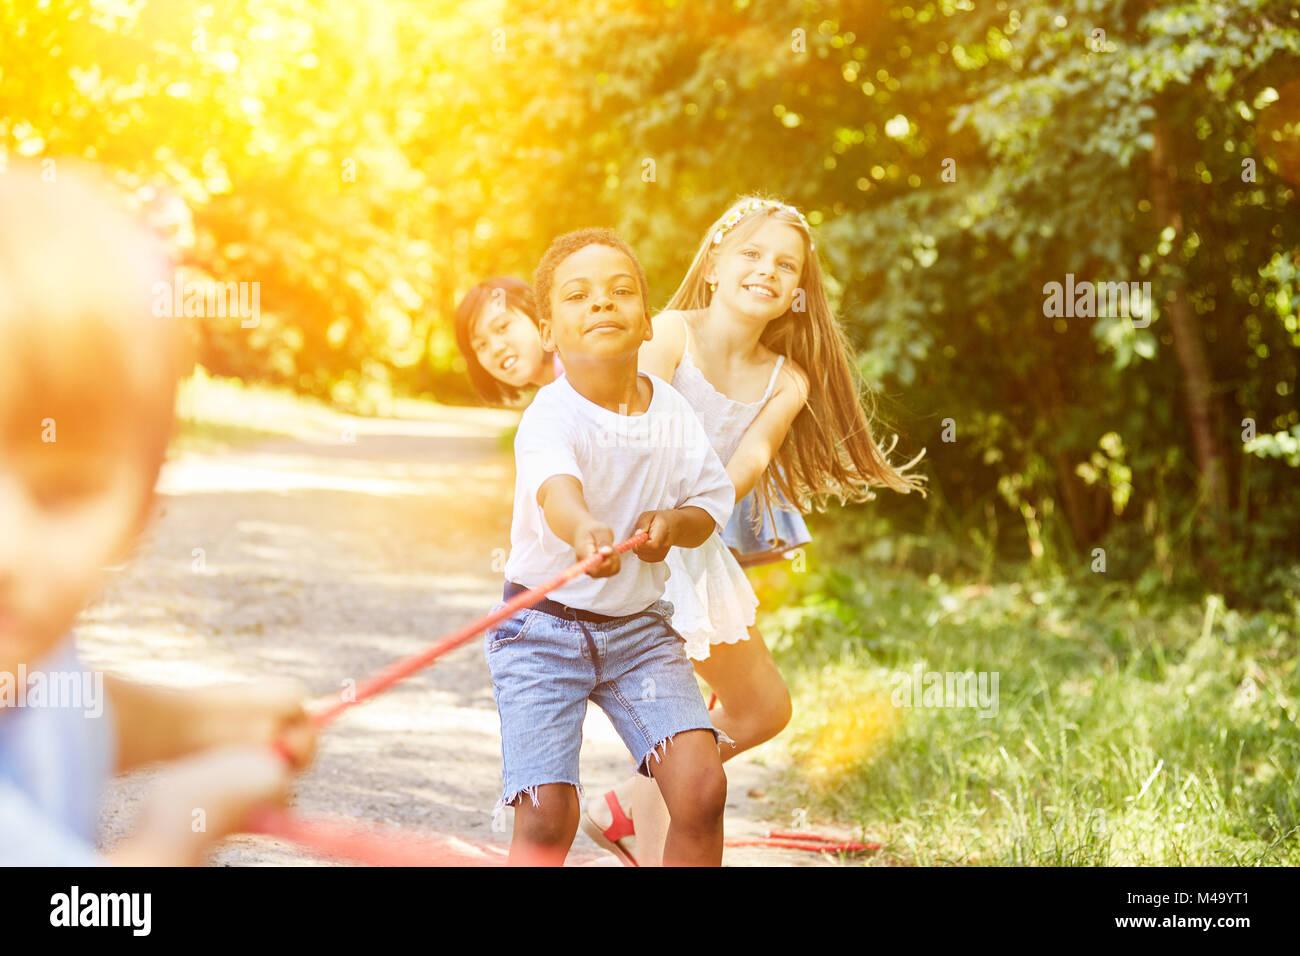 Gruppe von Kindern in Tauziehen im Team childrens Birthday Party im Sommer Stockfoto